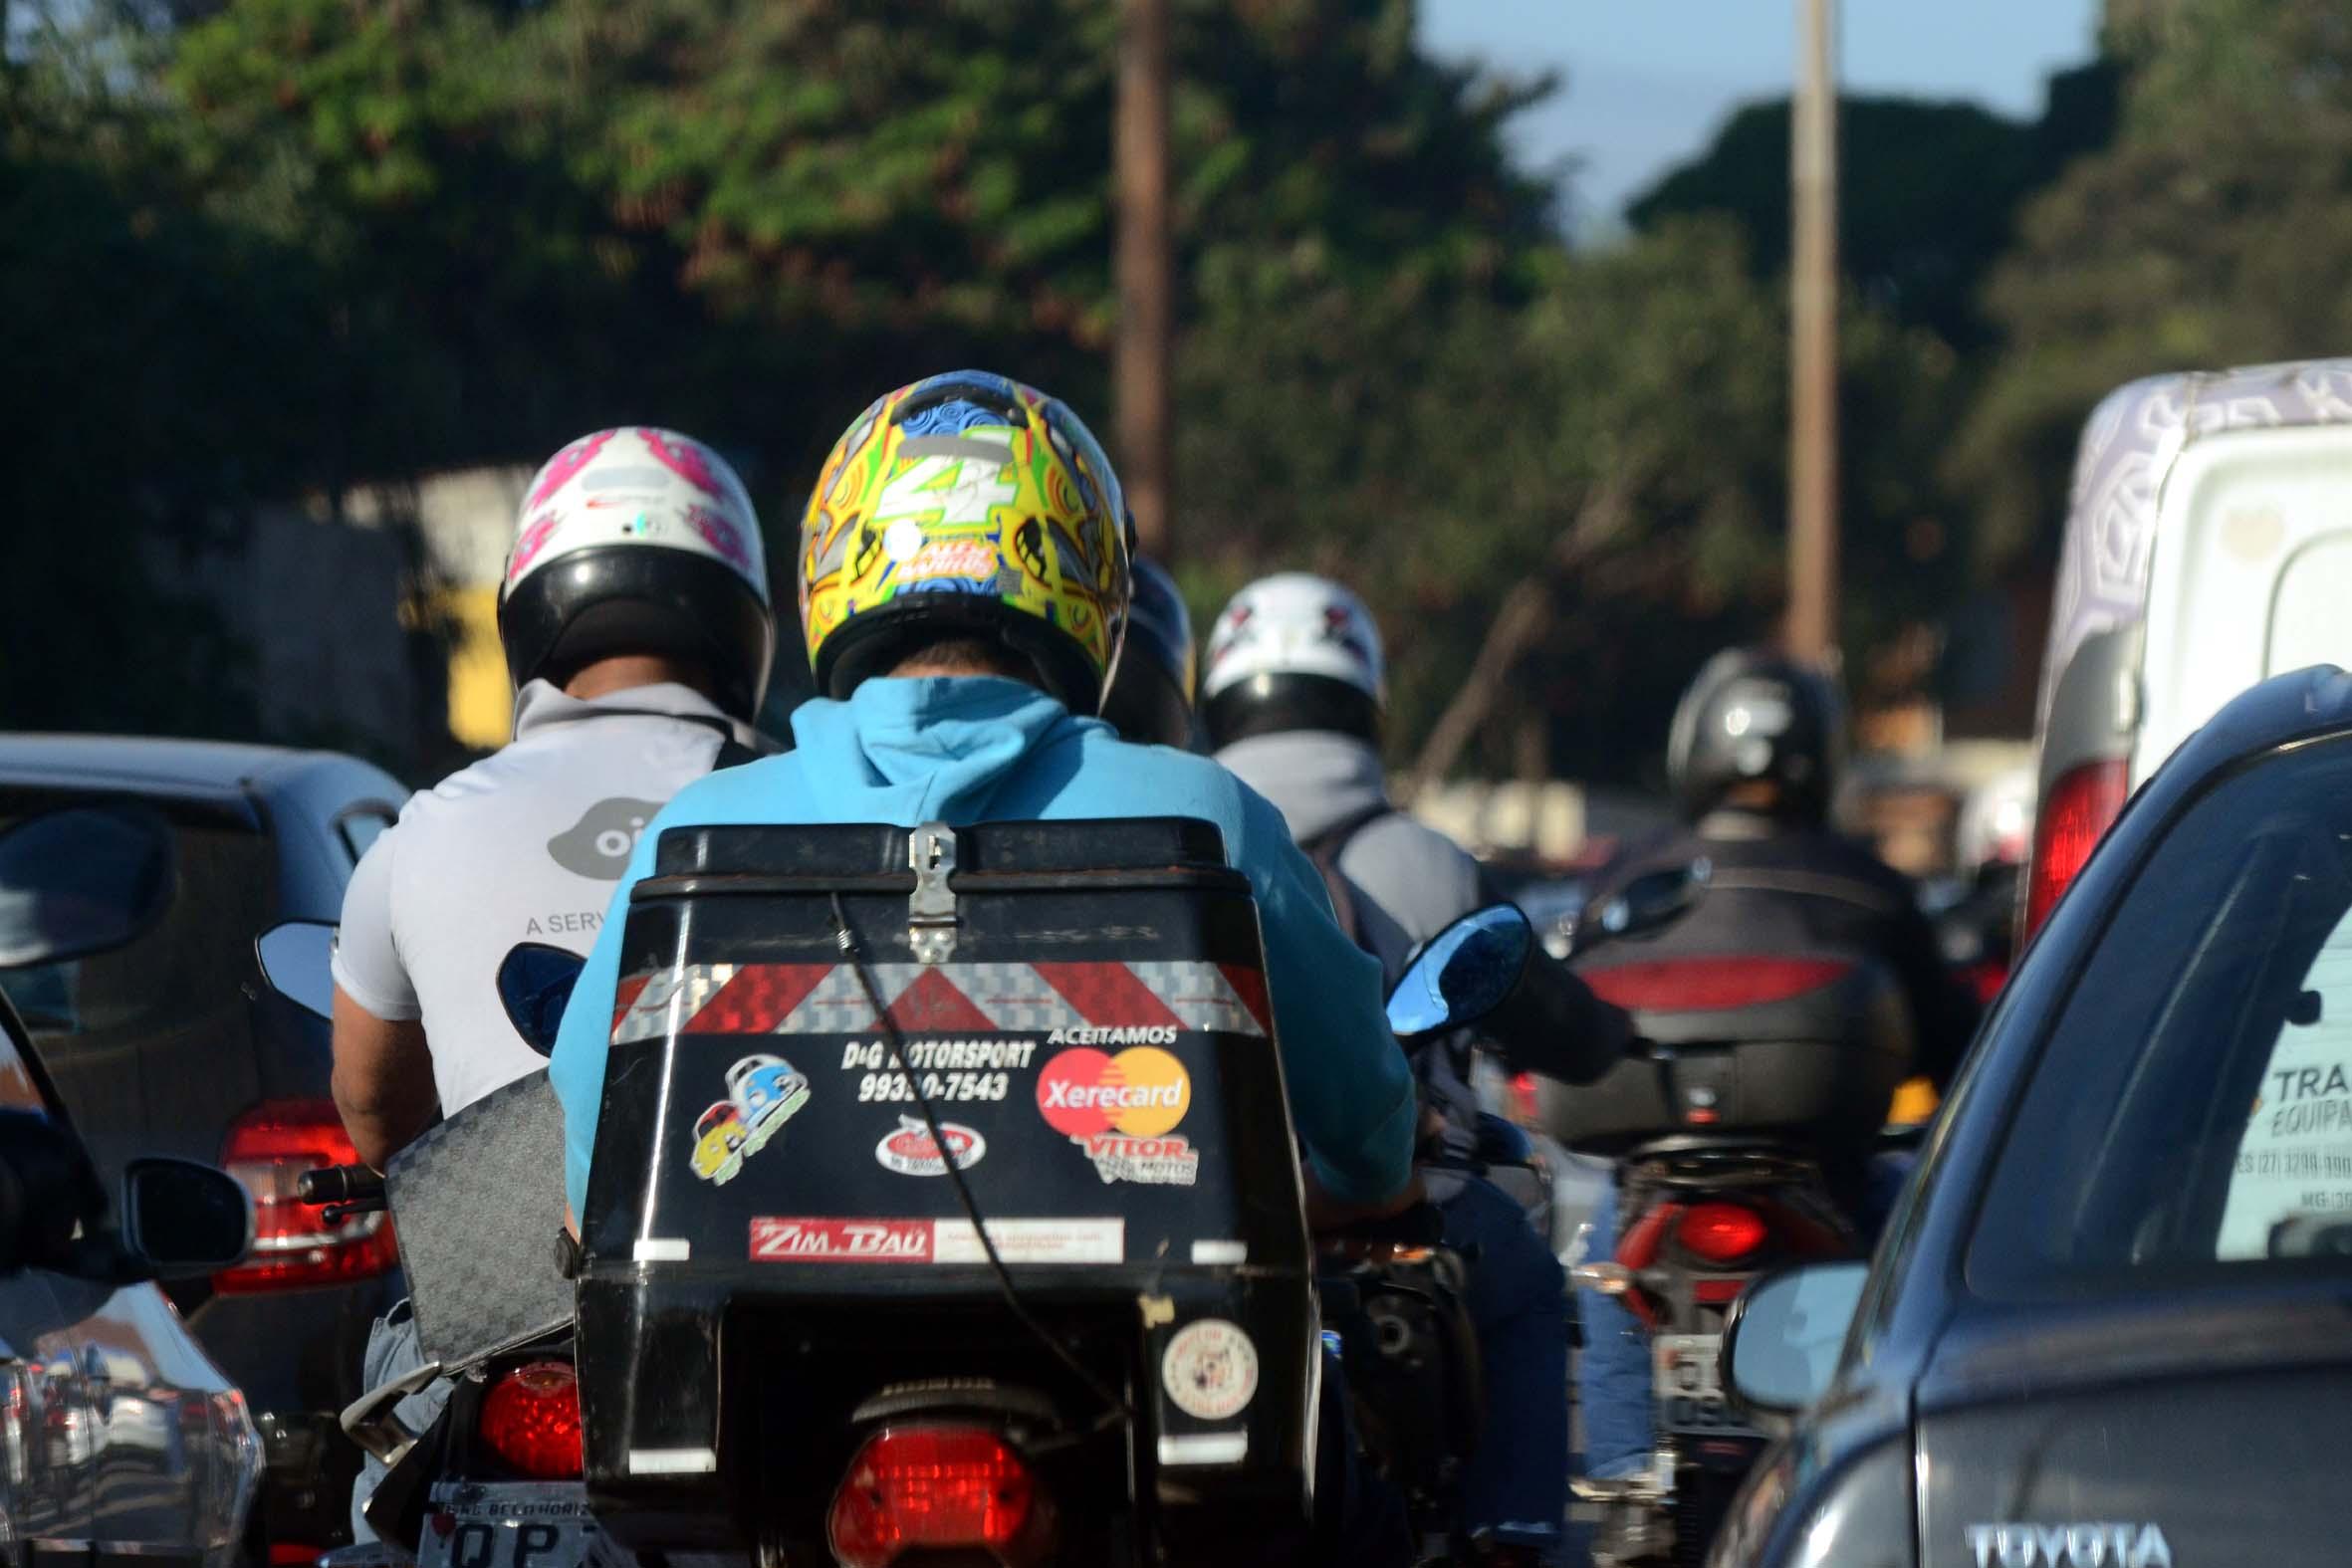 Motoqueiros no trânsito de Belo Horizonte